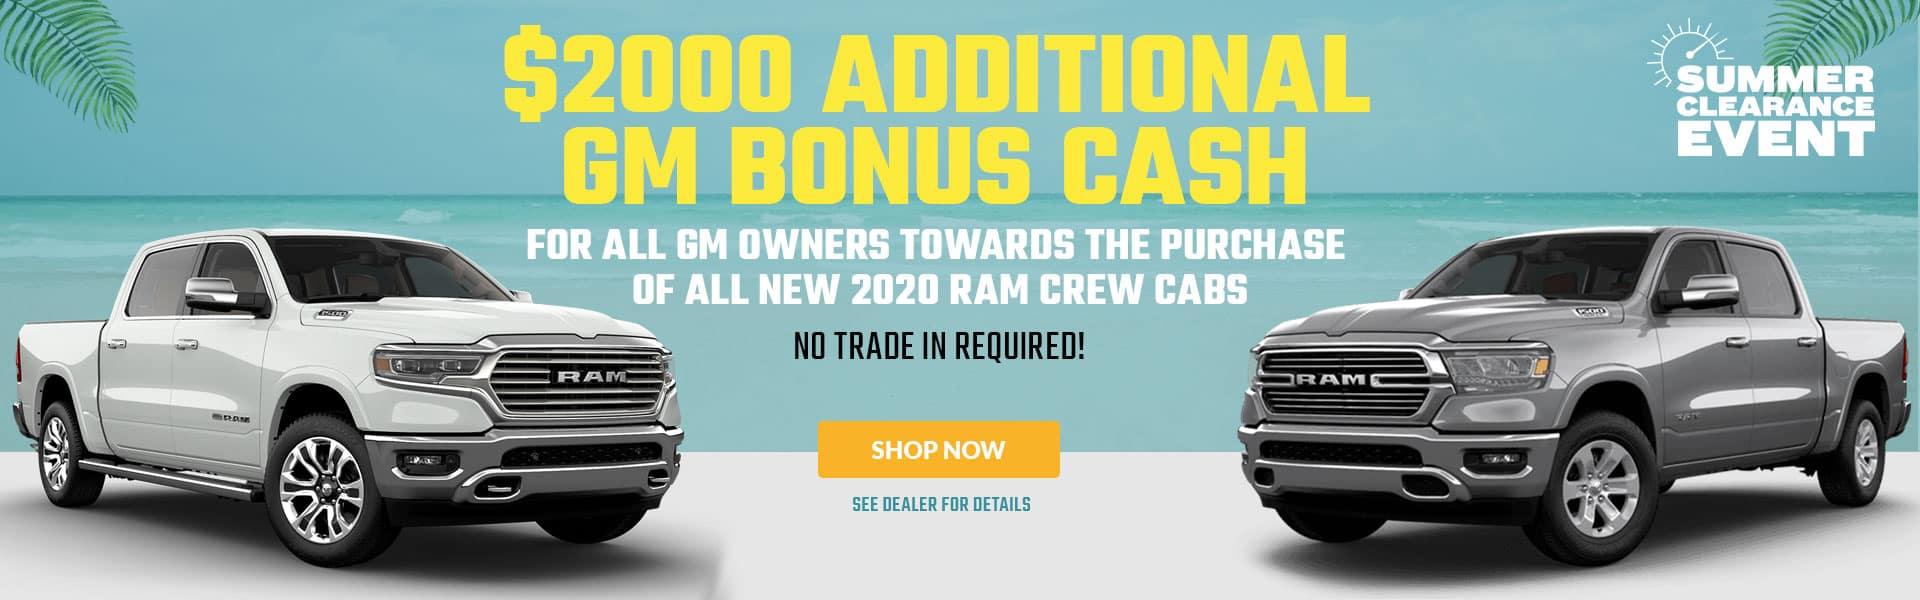 2020 RAM CREW CAB